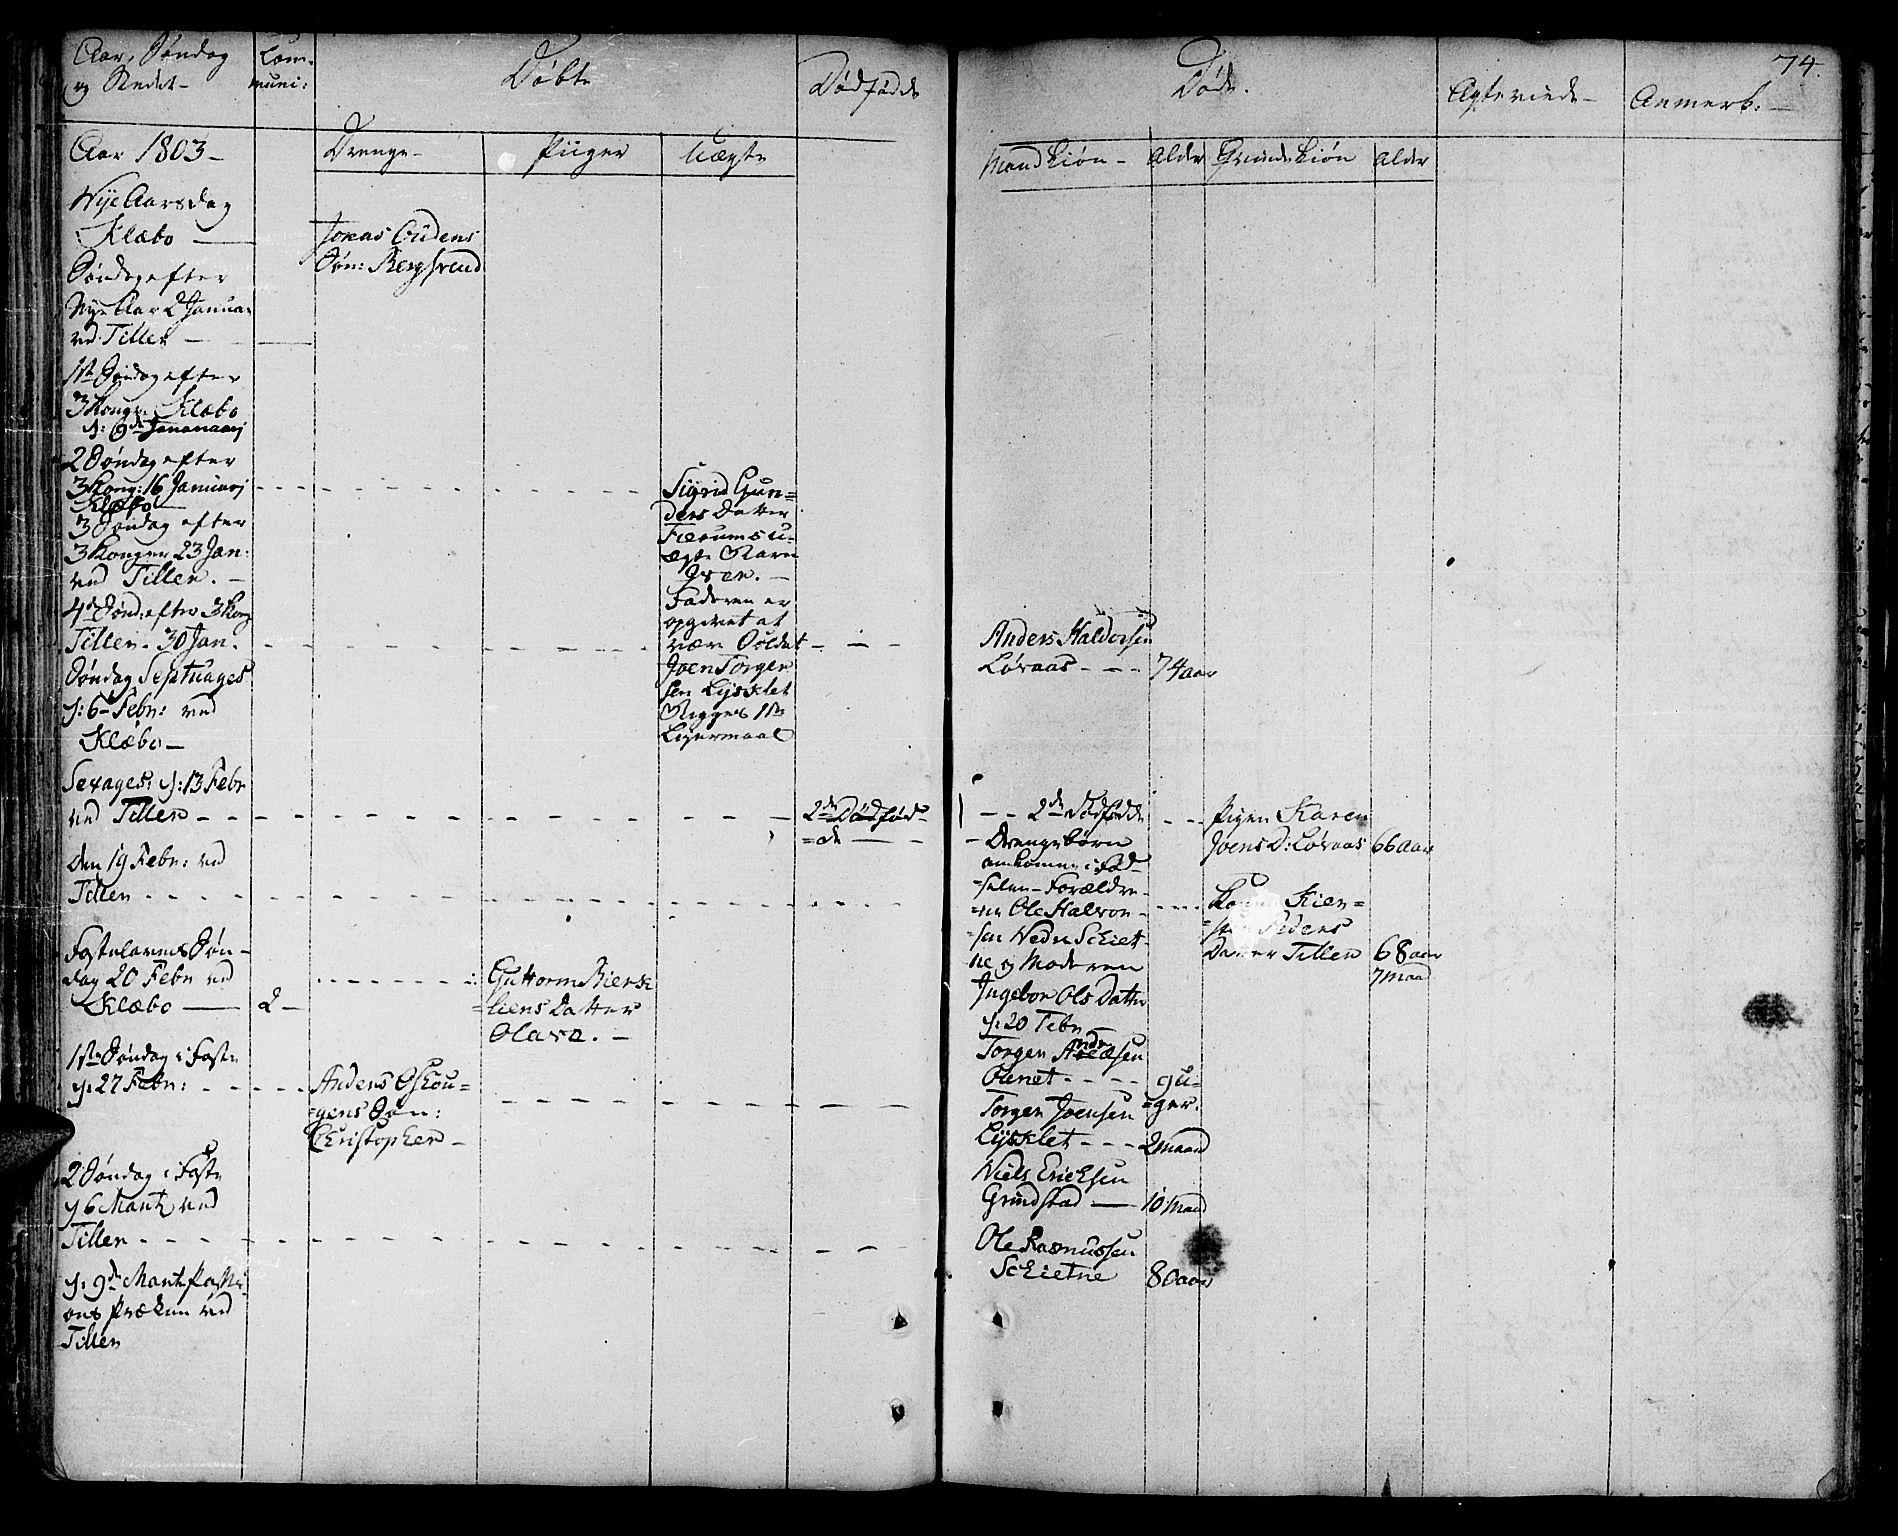 SAT, Ministerialprotokoller, klokkerbøker og fødselsregistre - Sør-Trøndelag, 618/L0438: Ministerialbok nr. 618A03, 1783-1815, s. 74